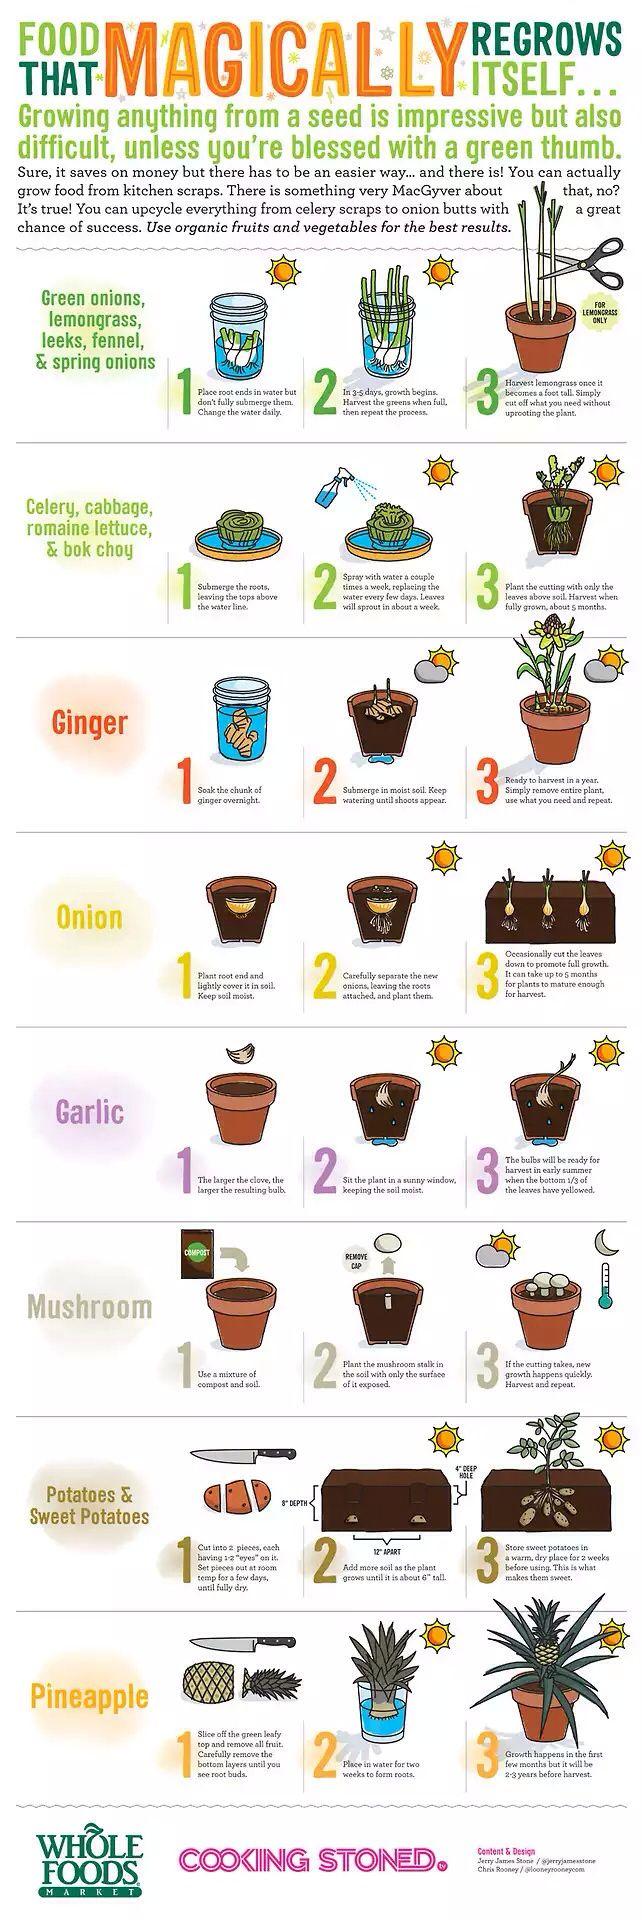 foods that regrow